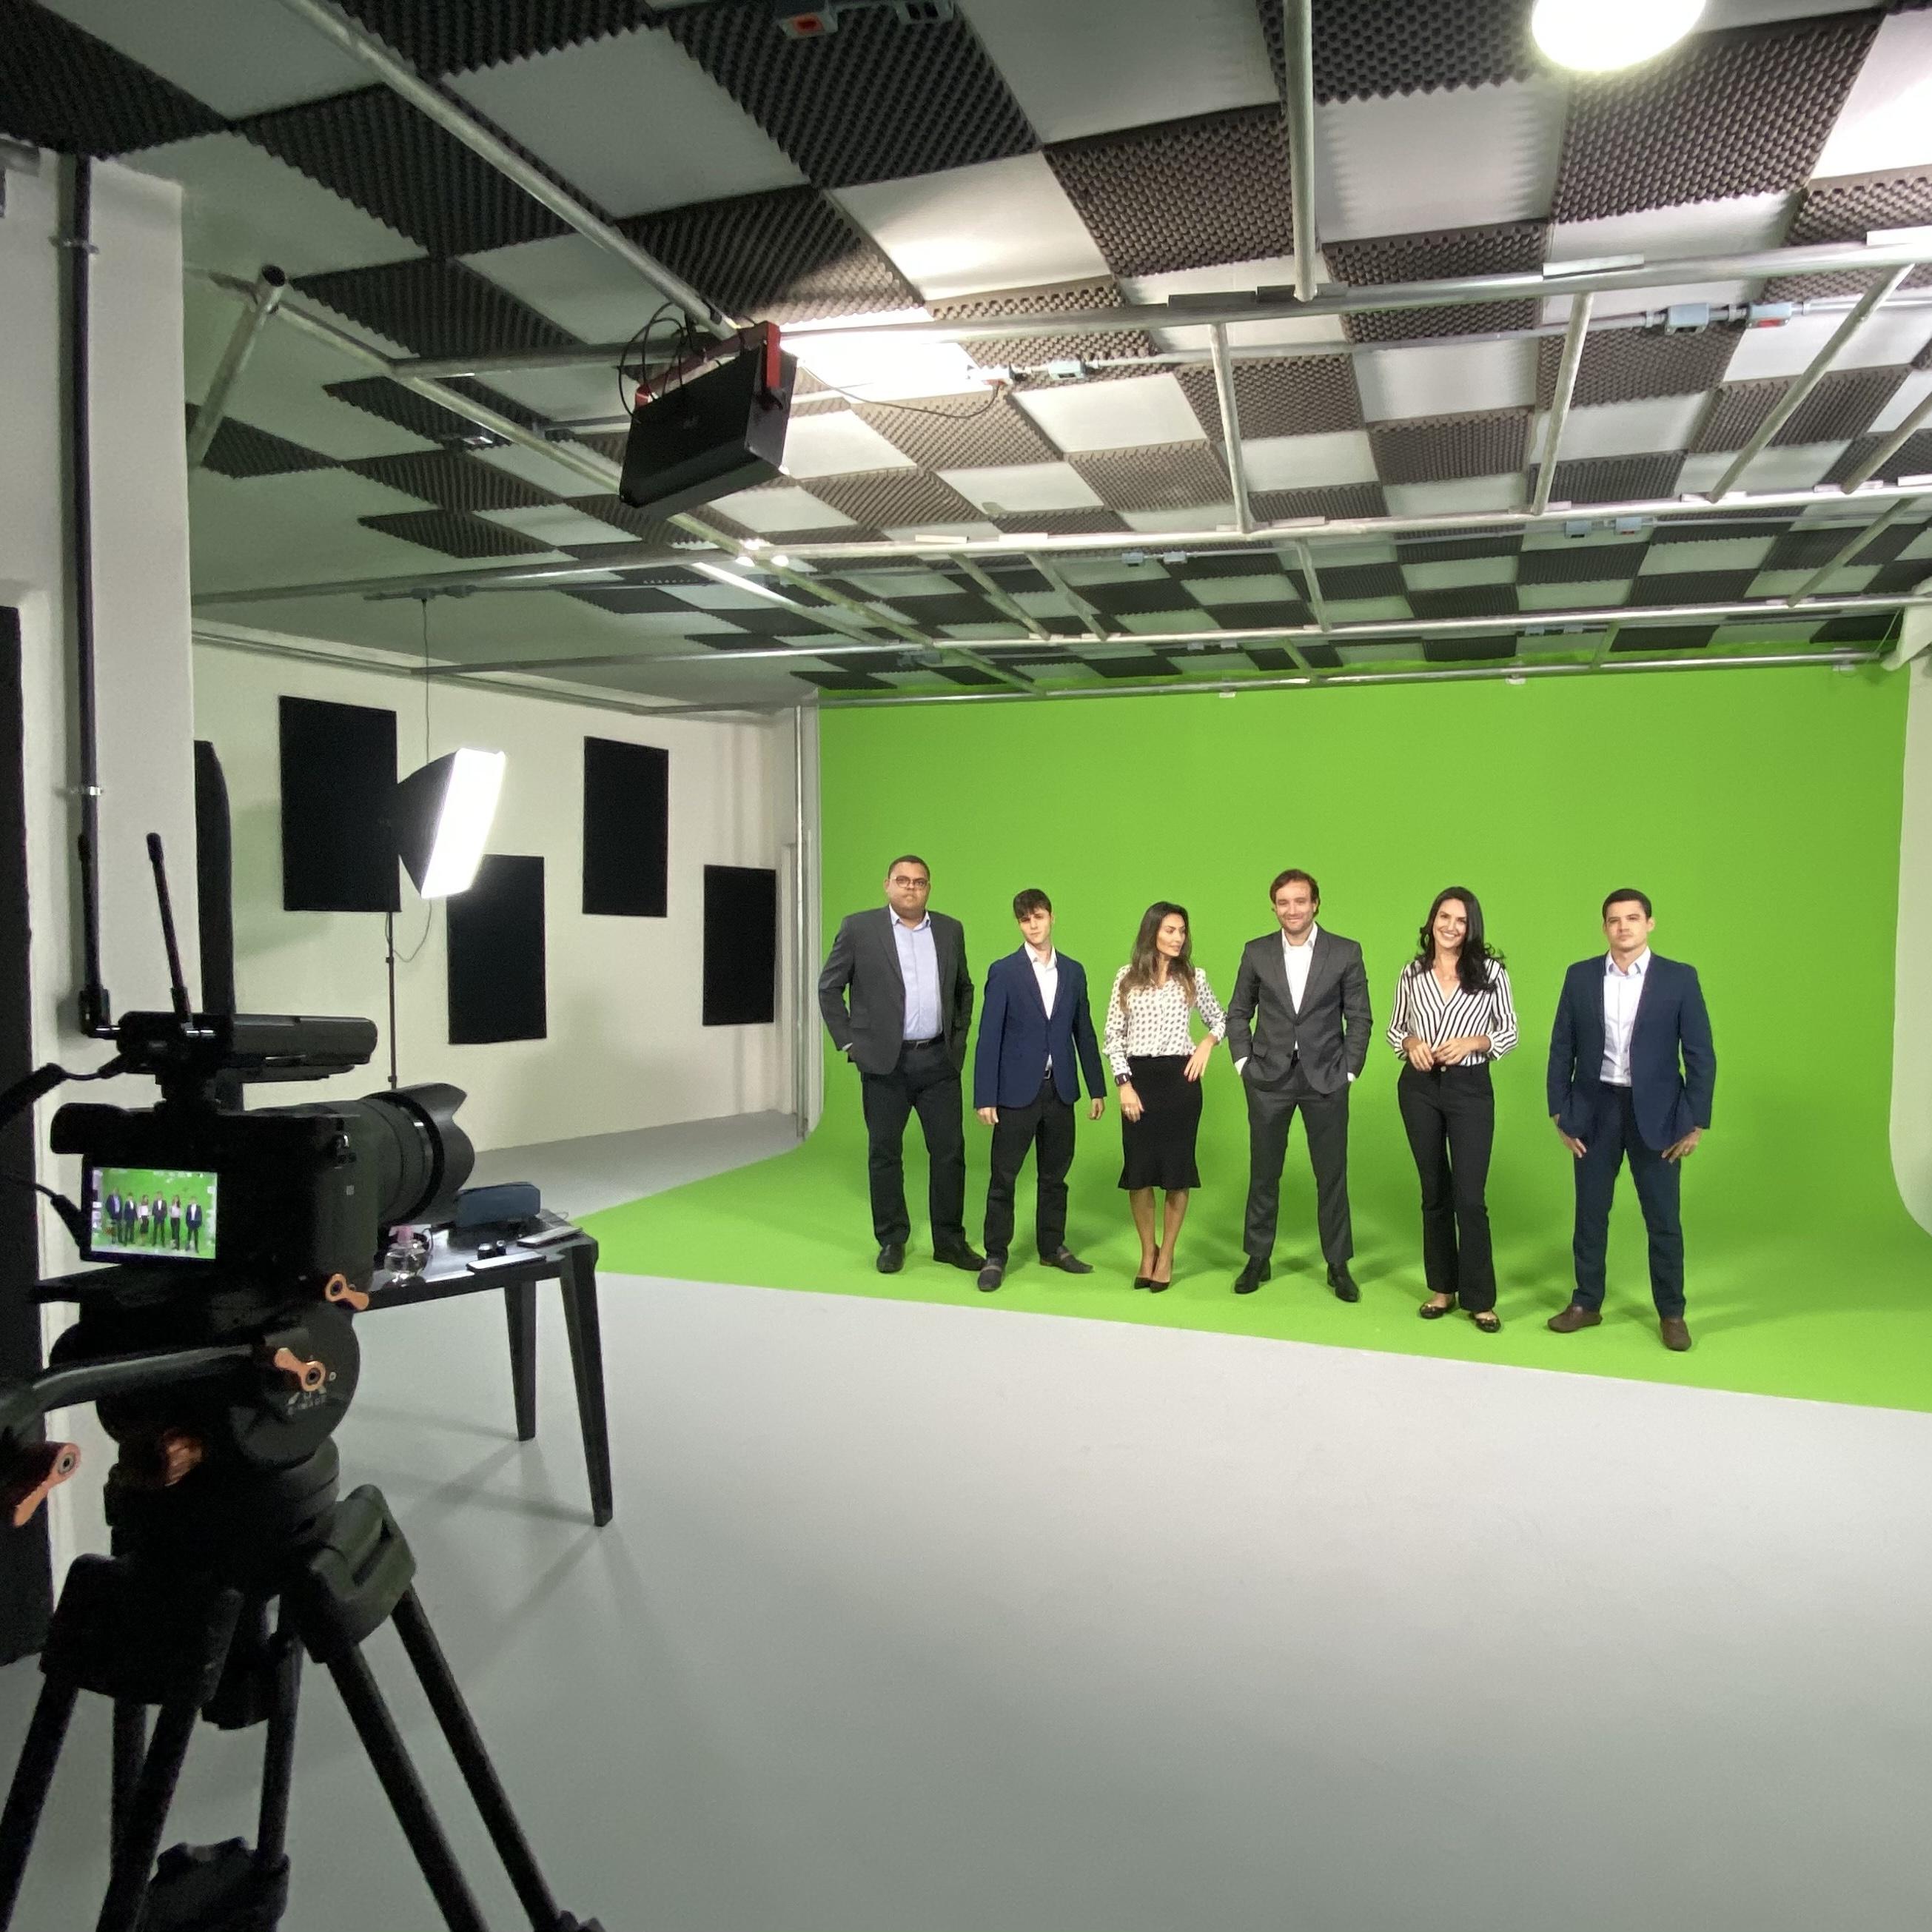 Maior plataforma de comunicação sobre negócios do ES, Folha Business estreia hoje cinco novas colunas diárias